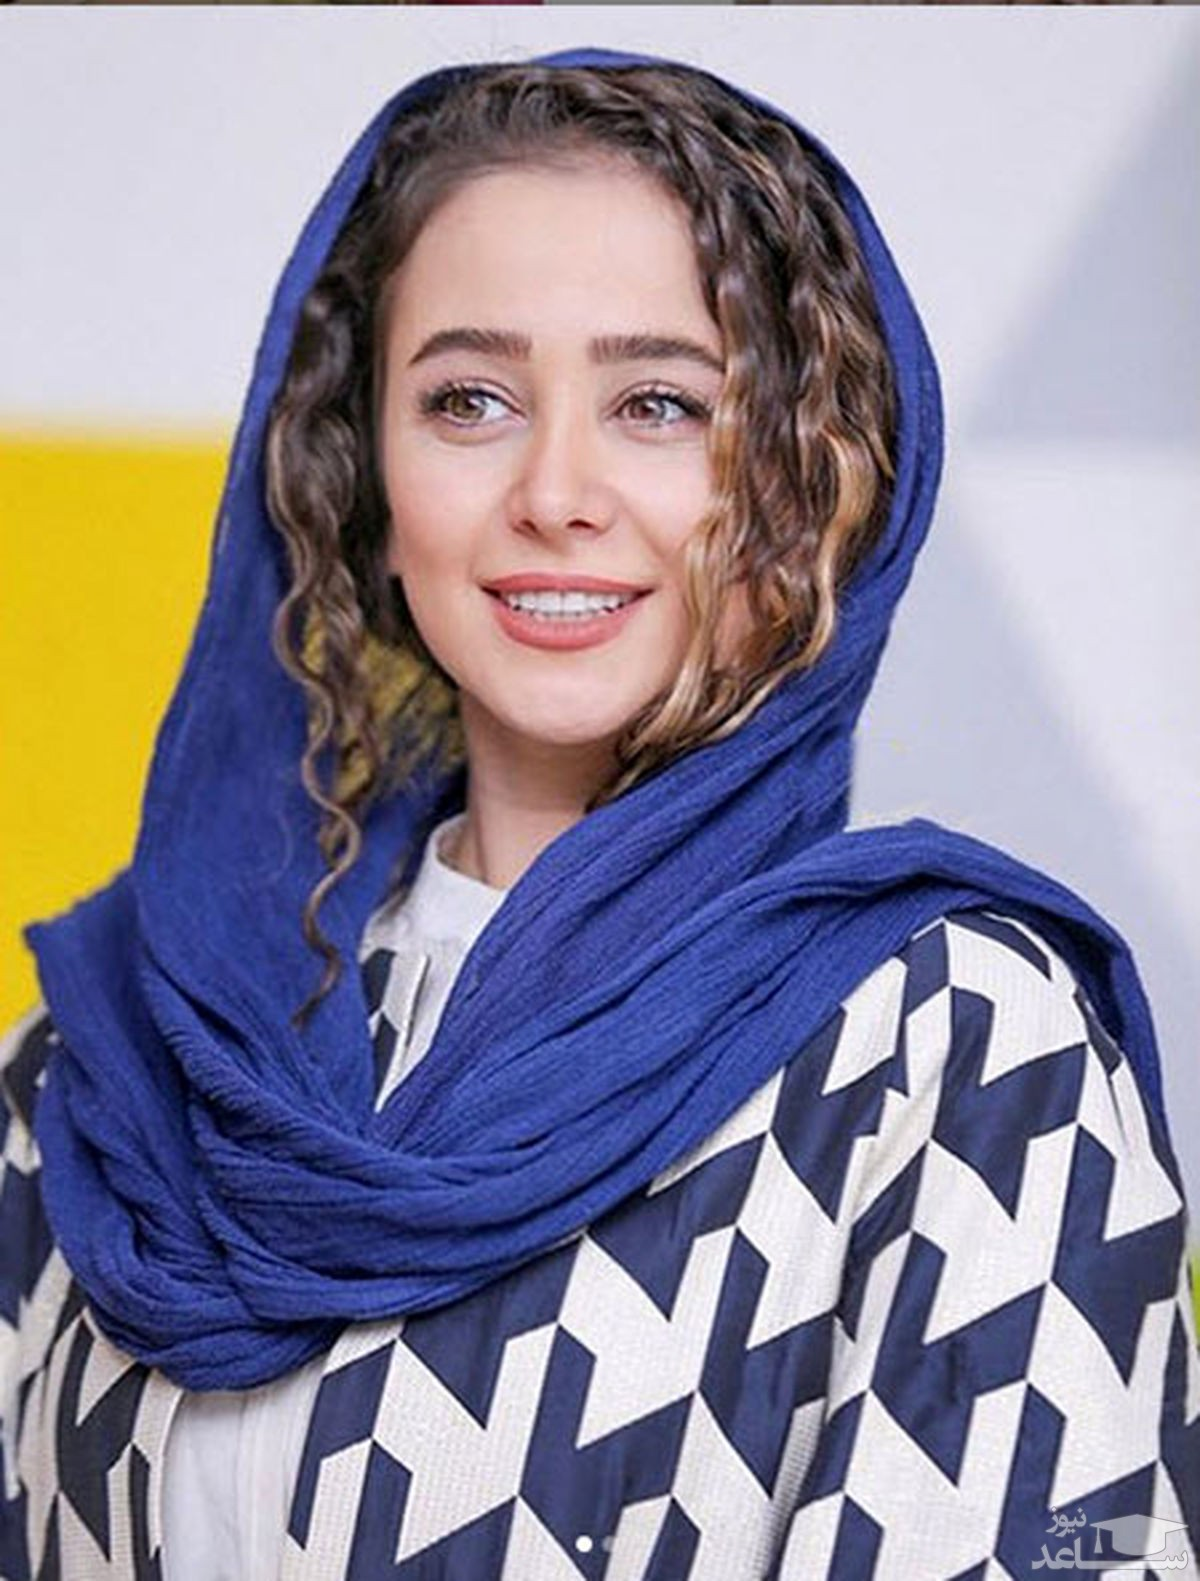 ژست متفاوت الناز حبیبی با لباس محلی